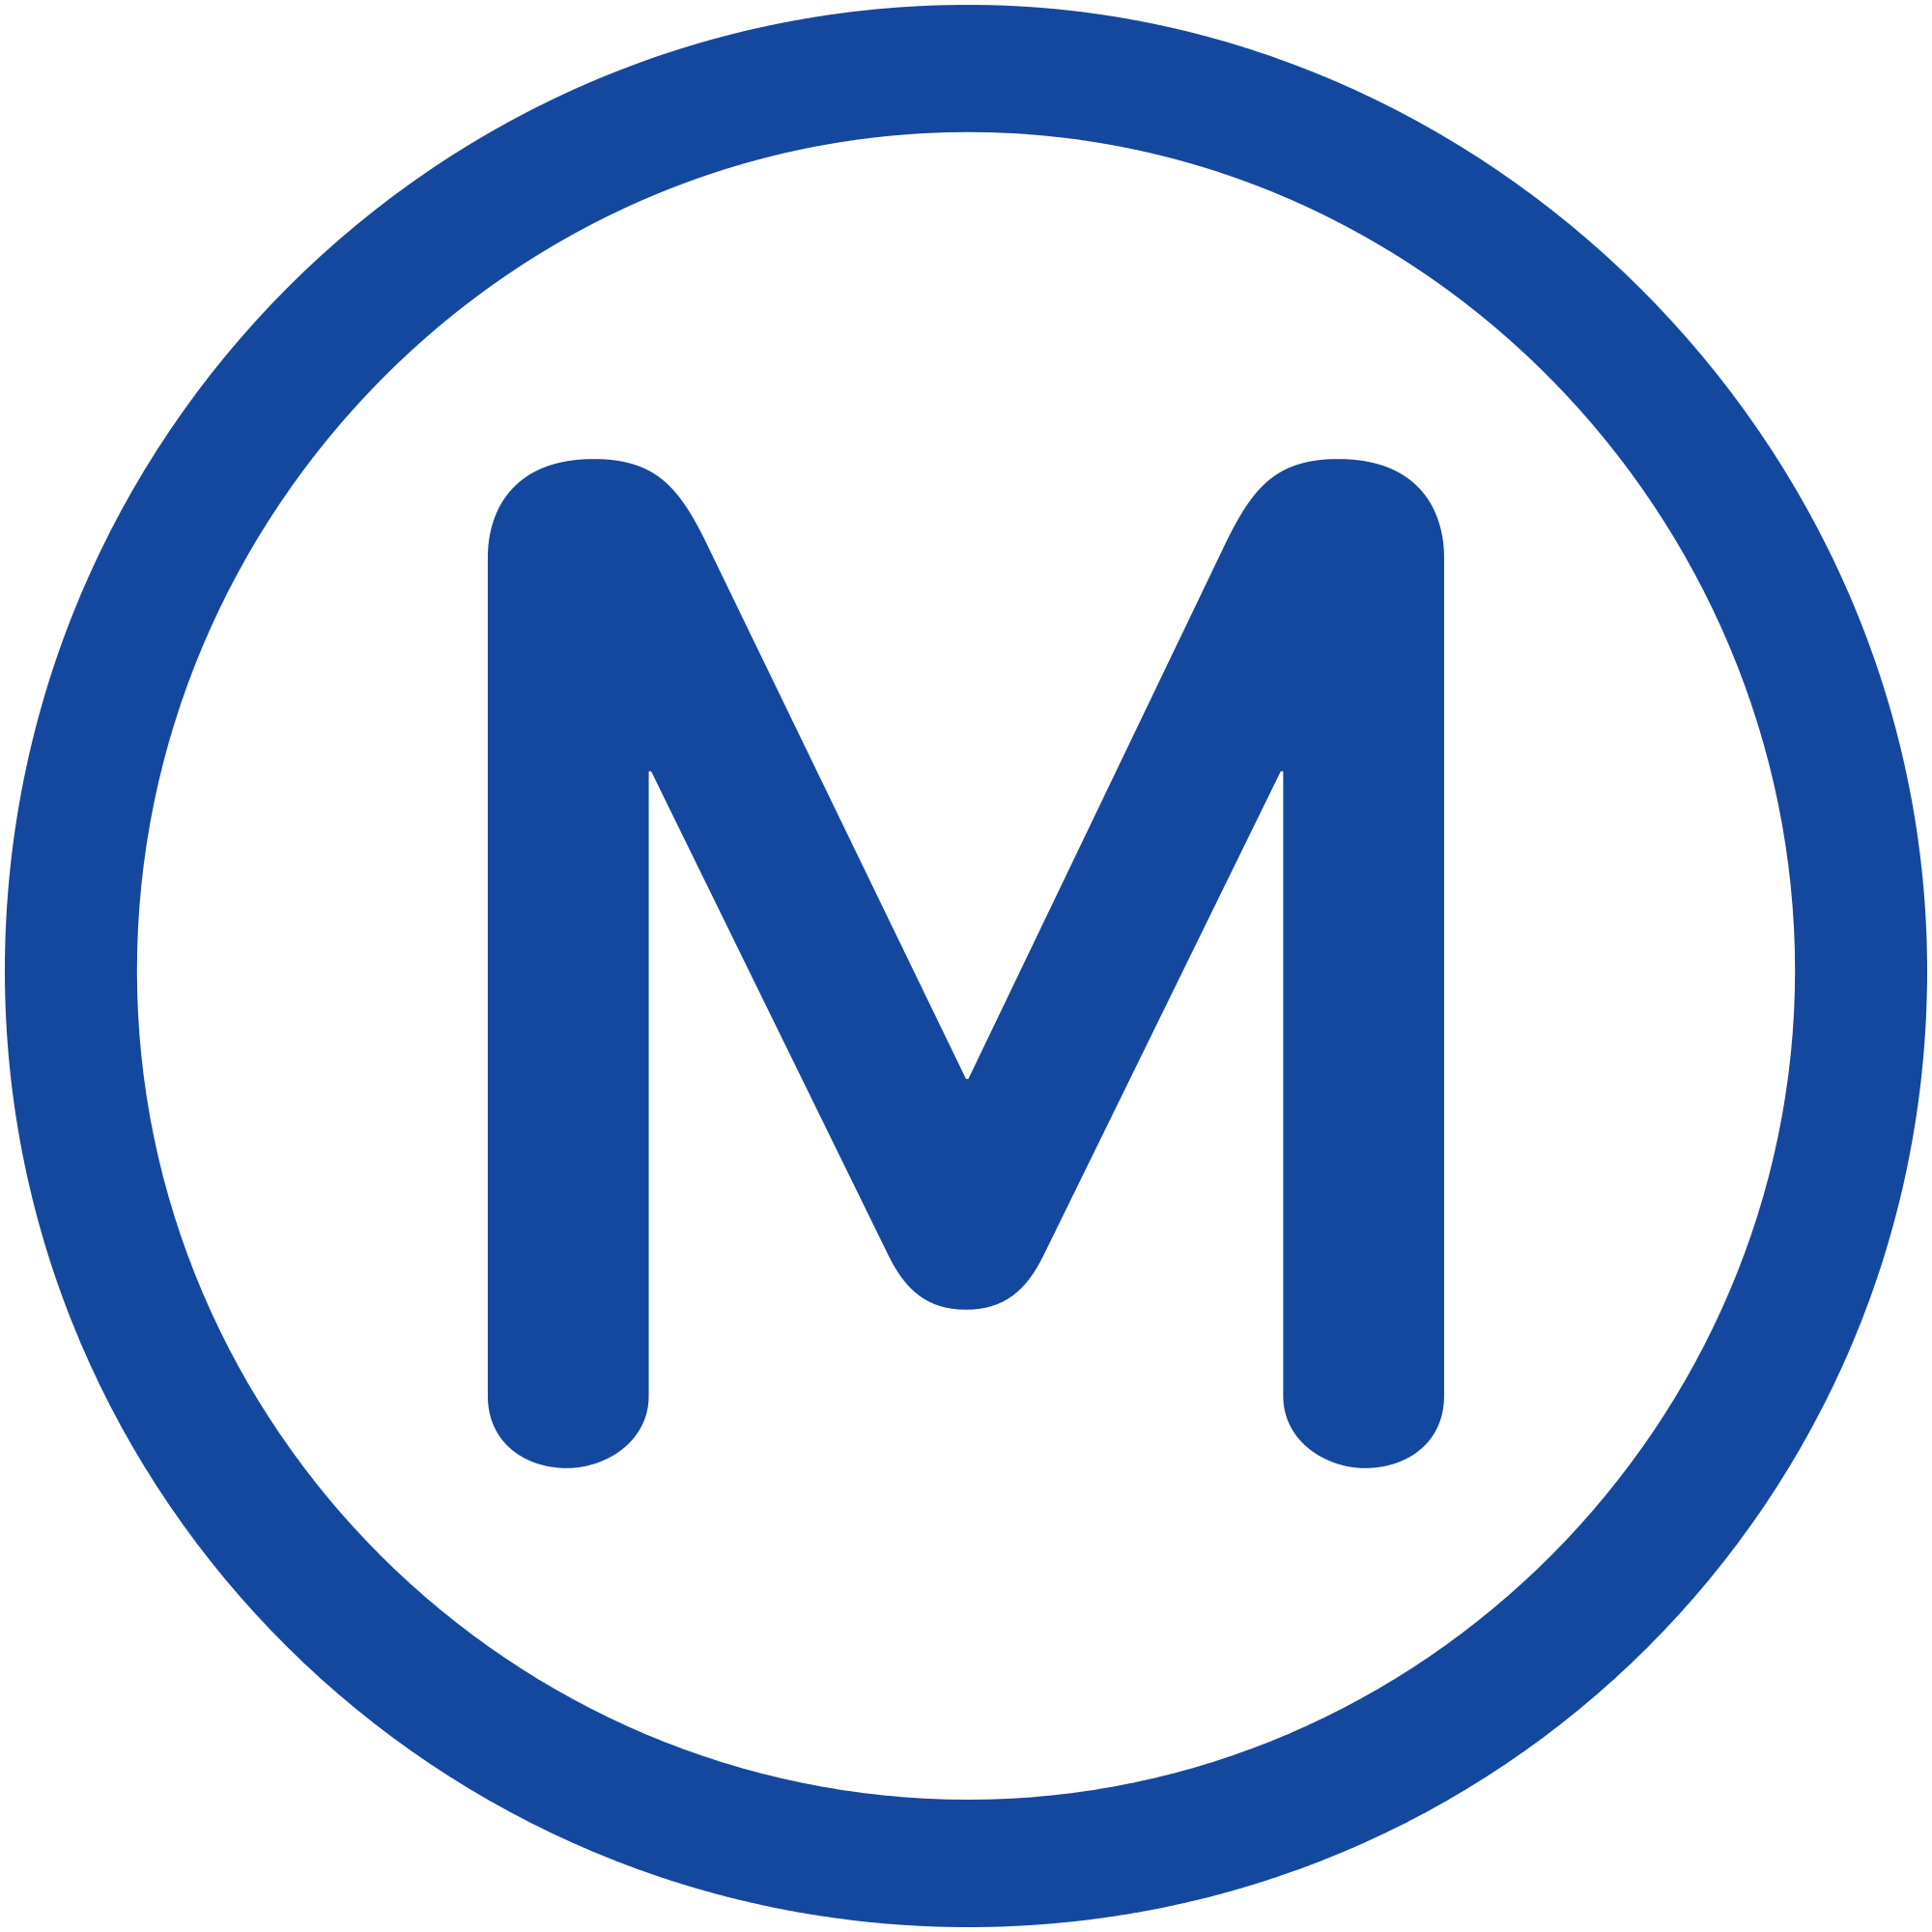 Métro: Porte de Clichy (Paris 17e)